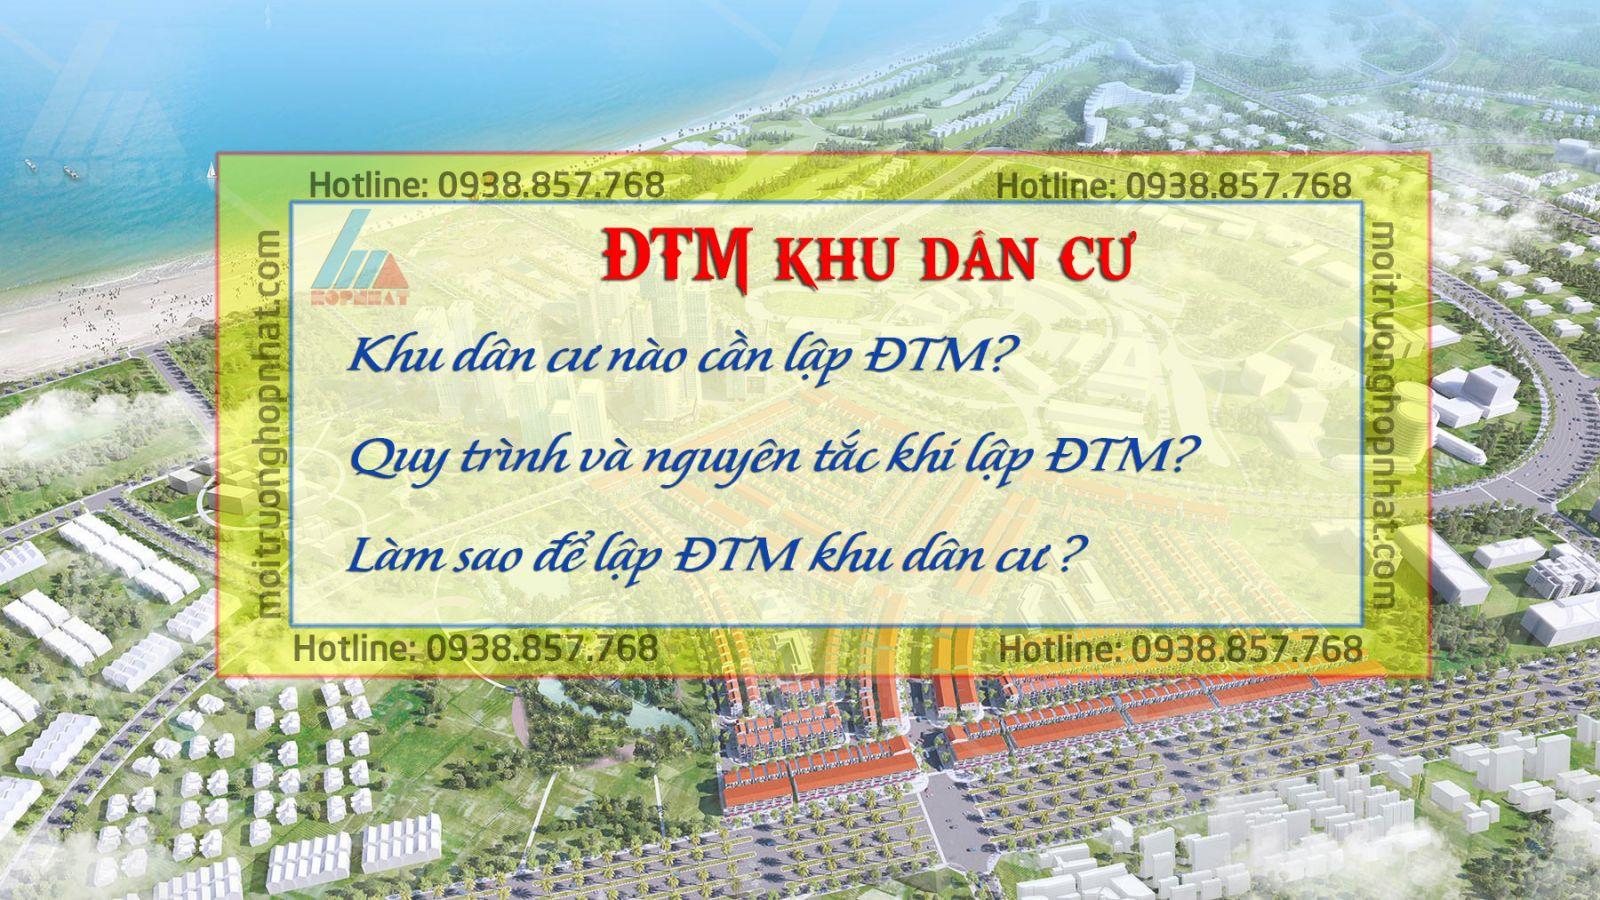 Lập ĐTM - Đánh giá tác động môi trường khu dân cư